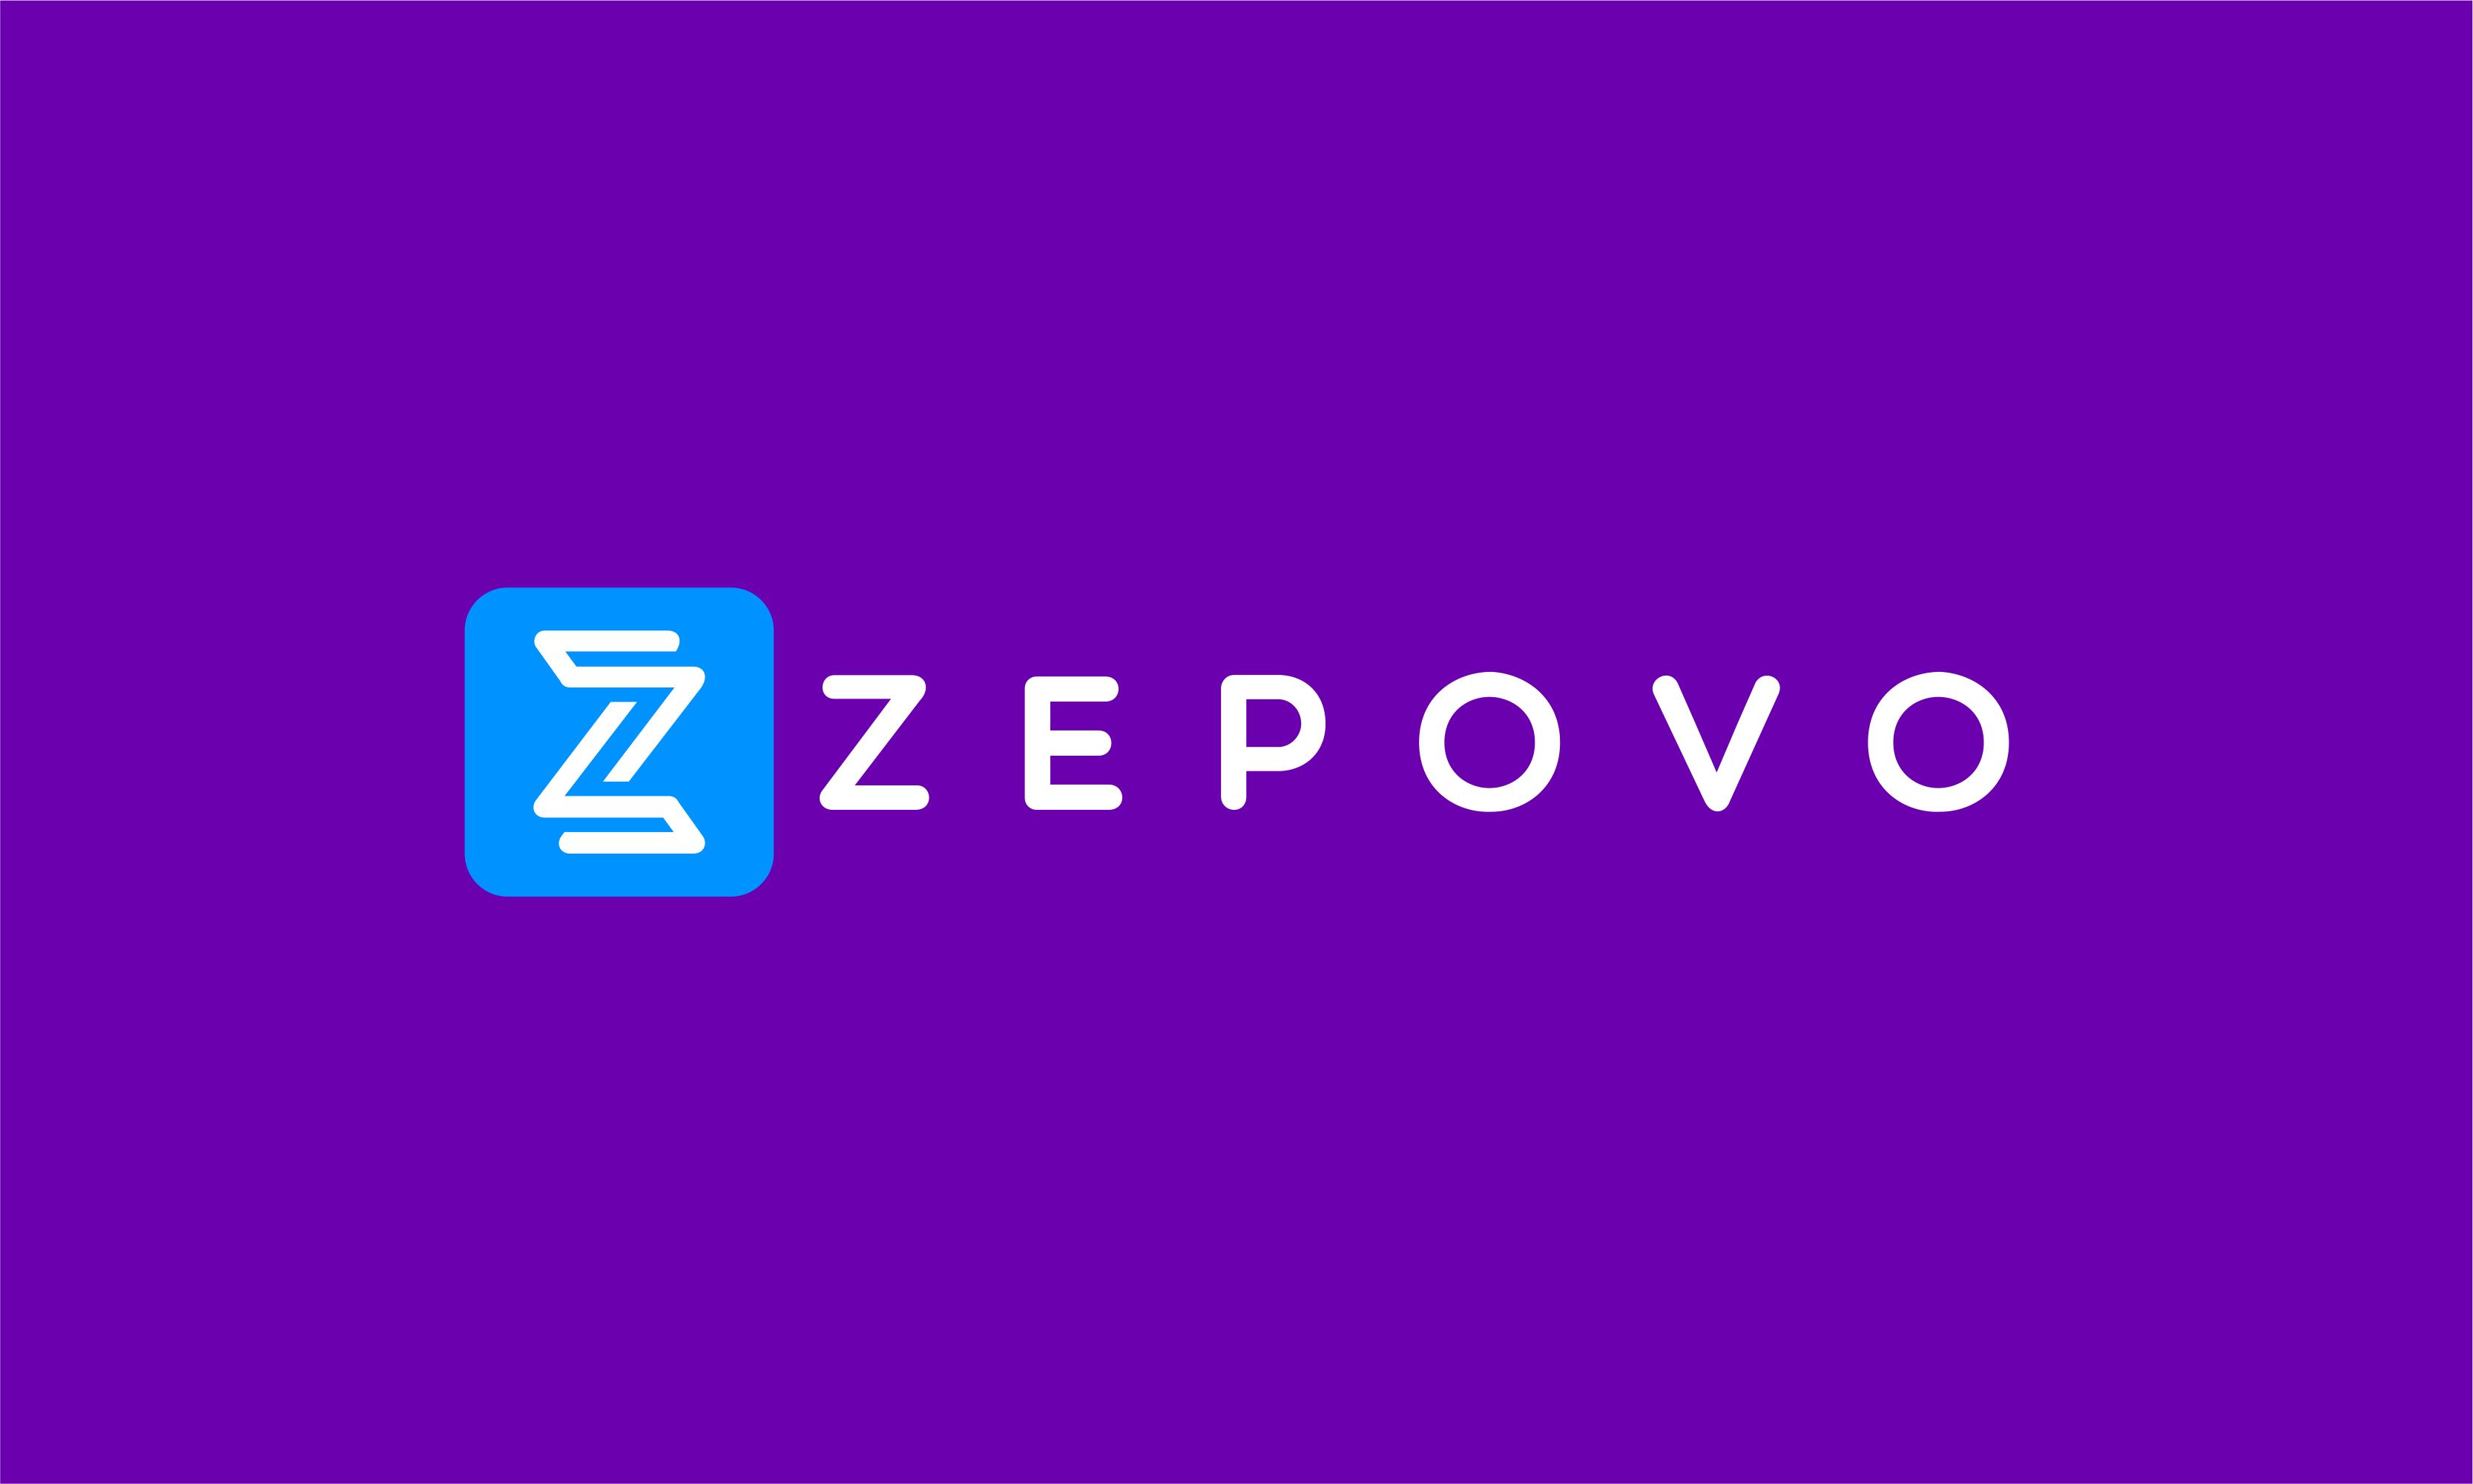 Zepovo